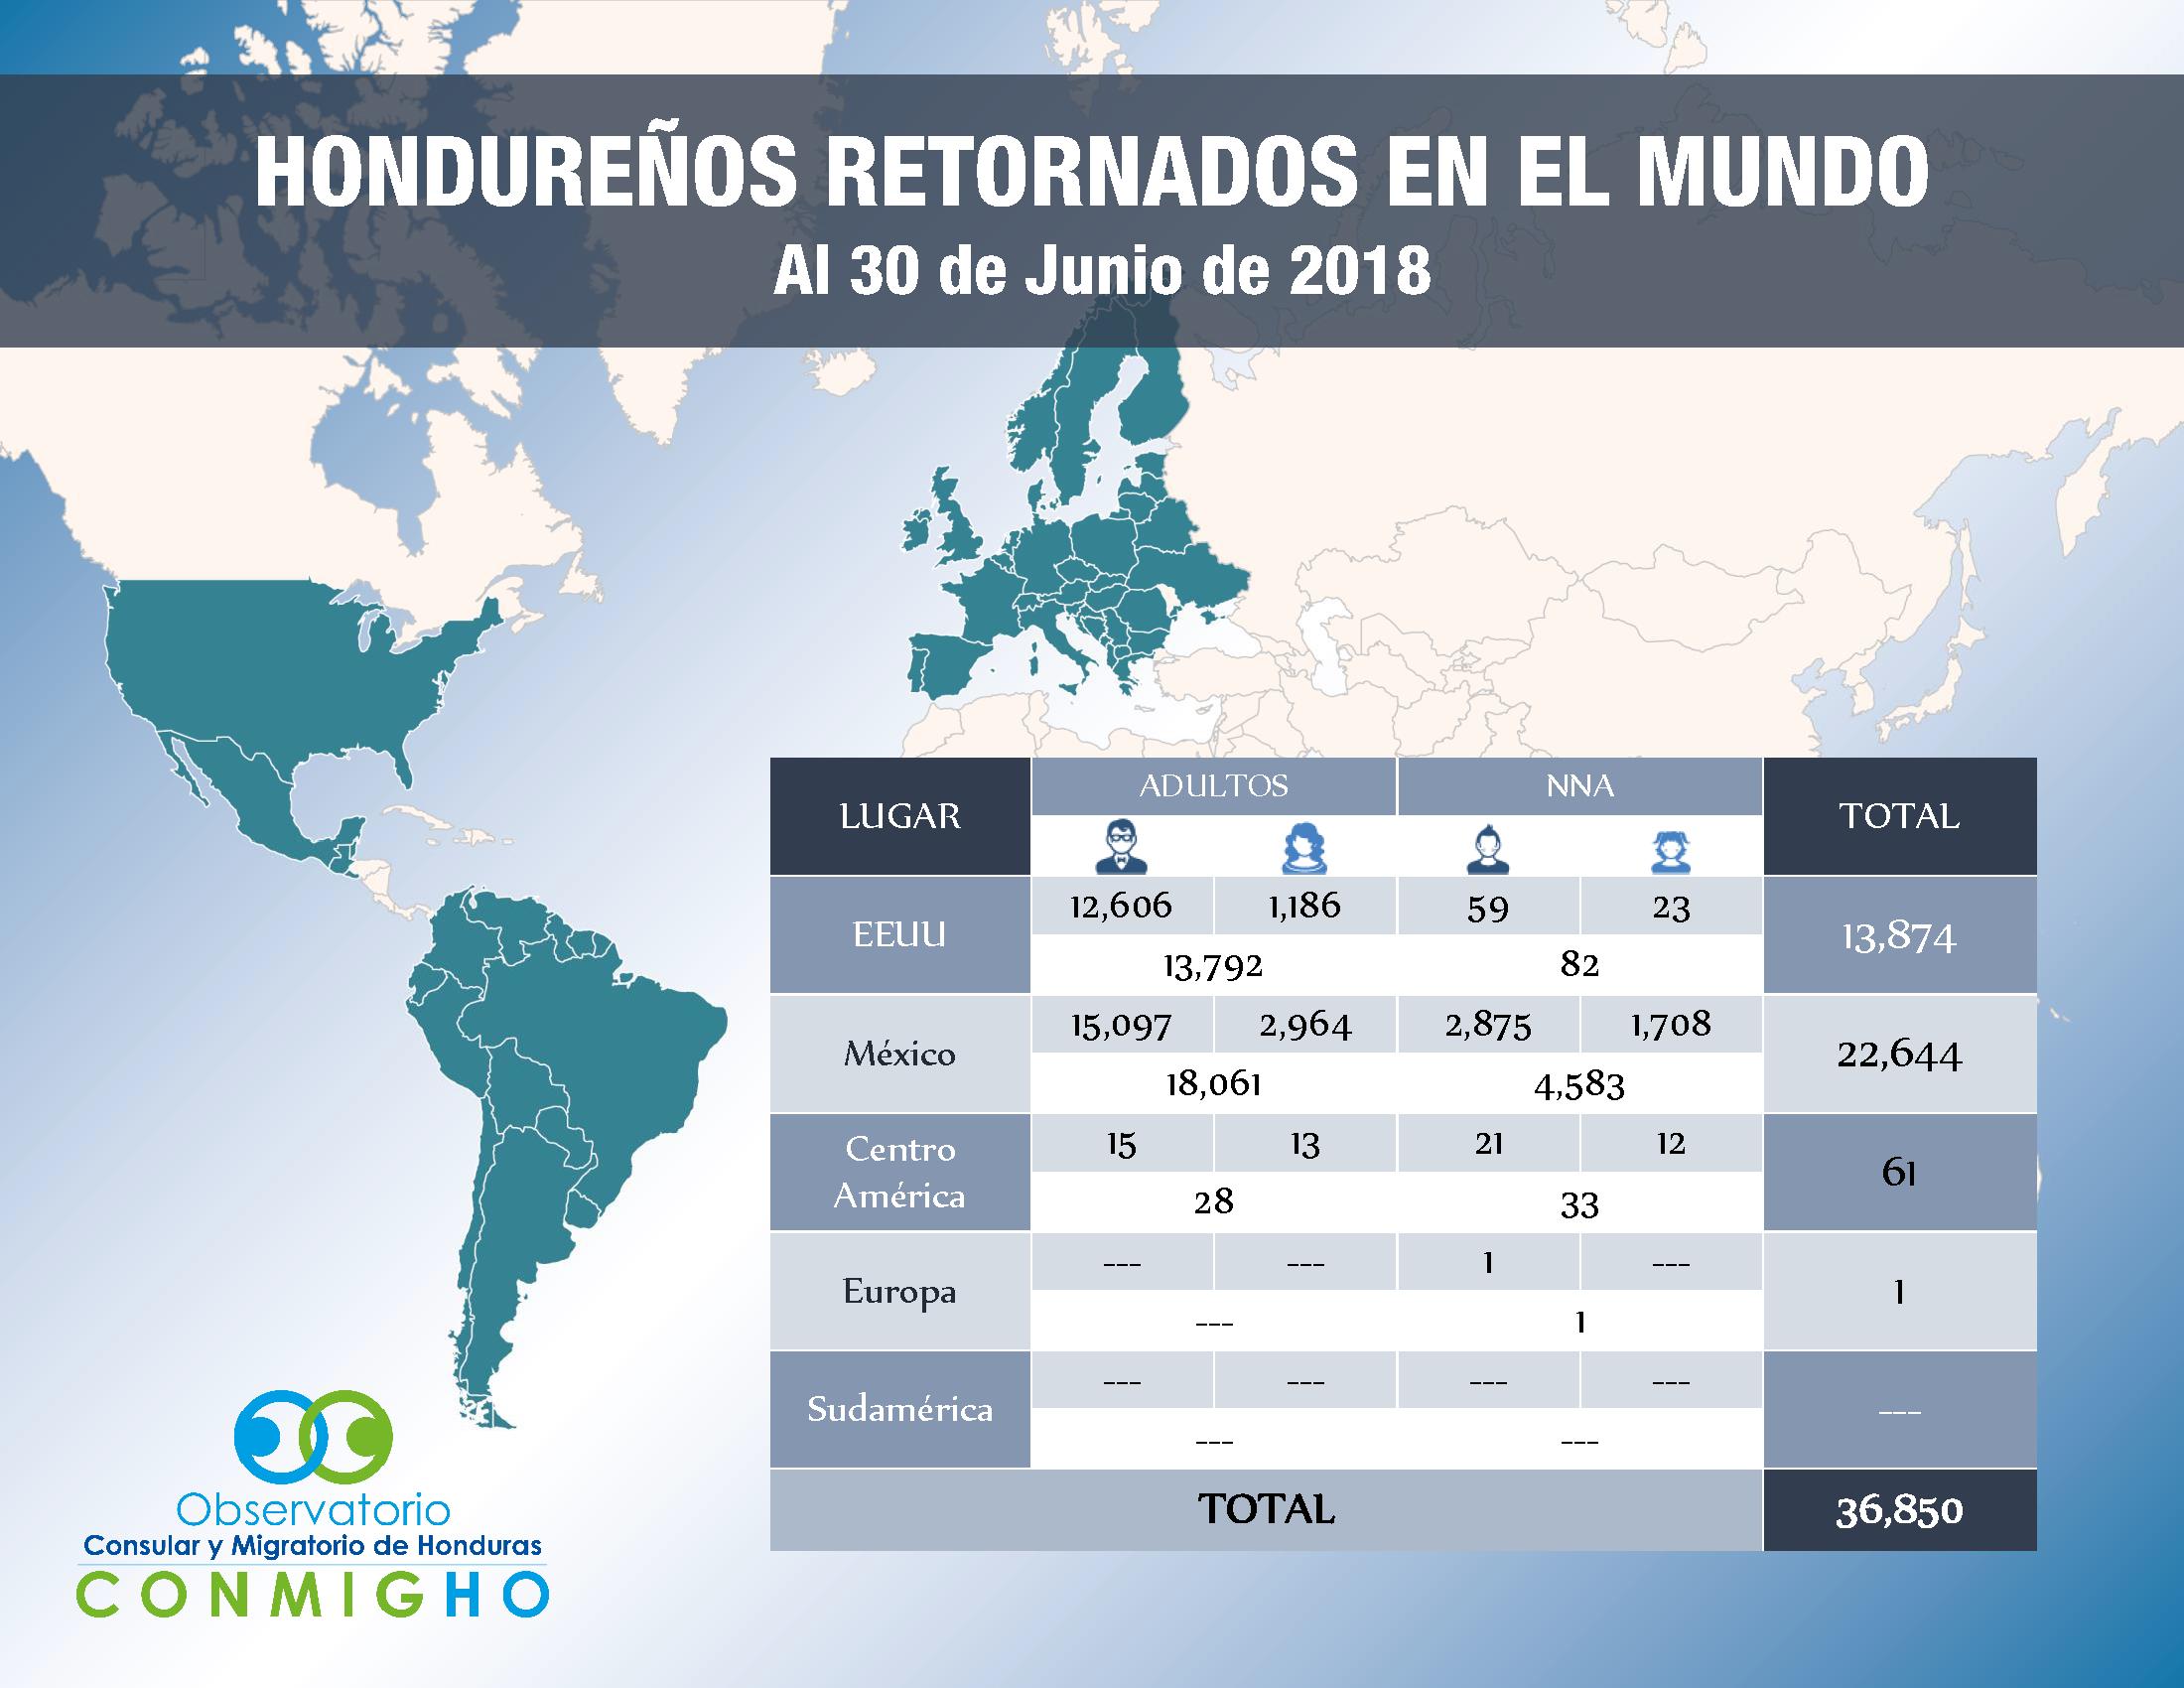 Hondurenios retornados en el mundo